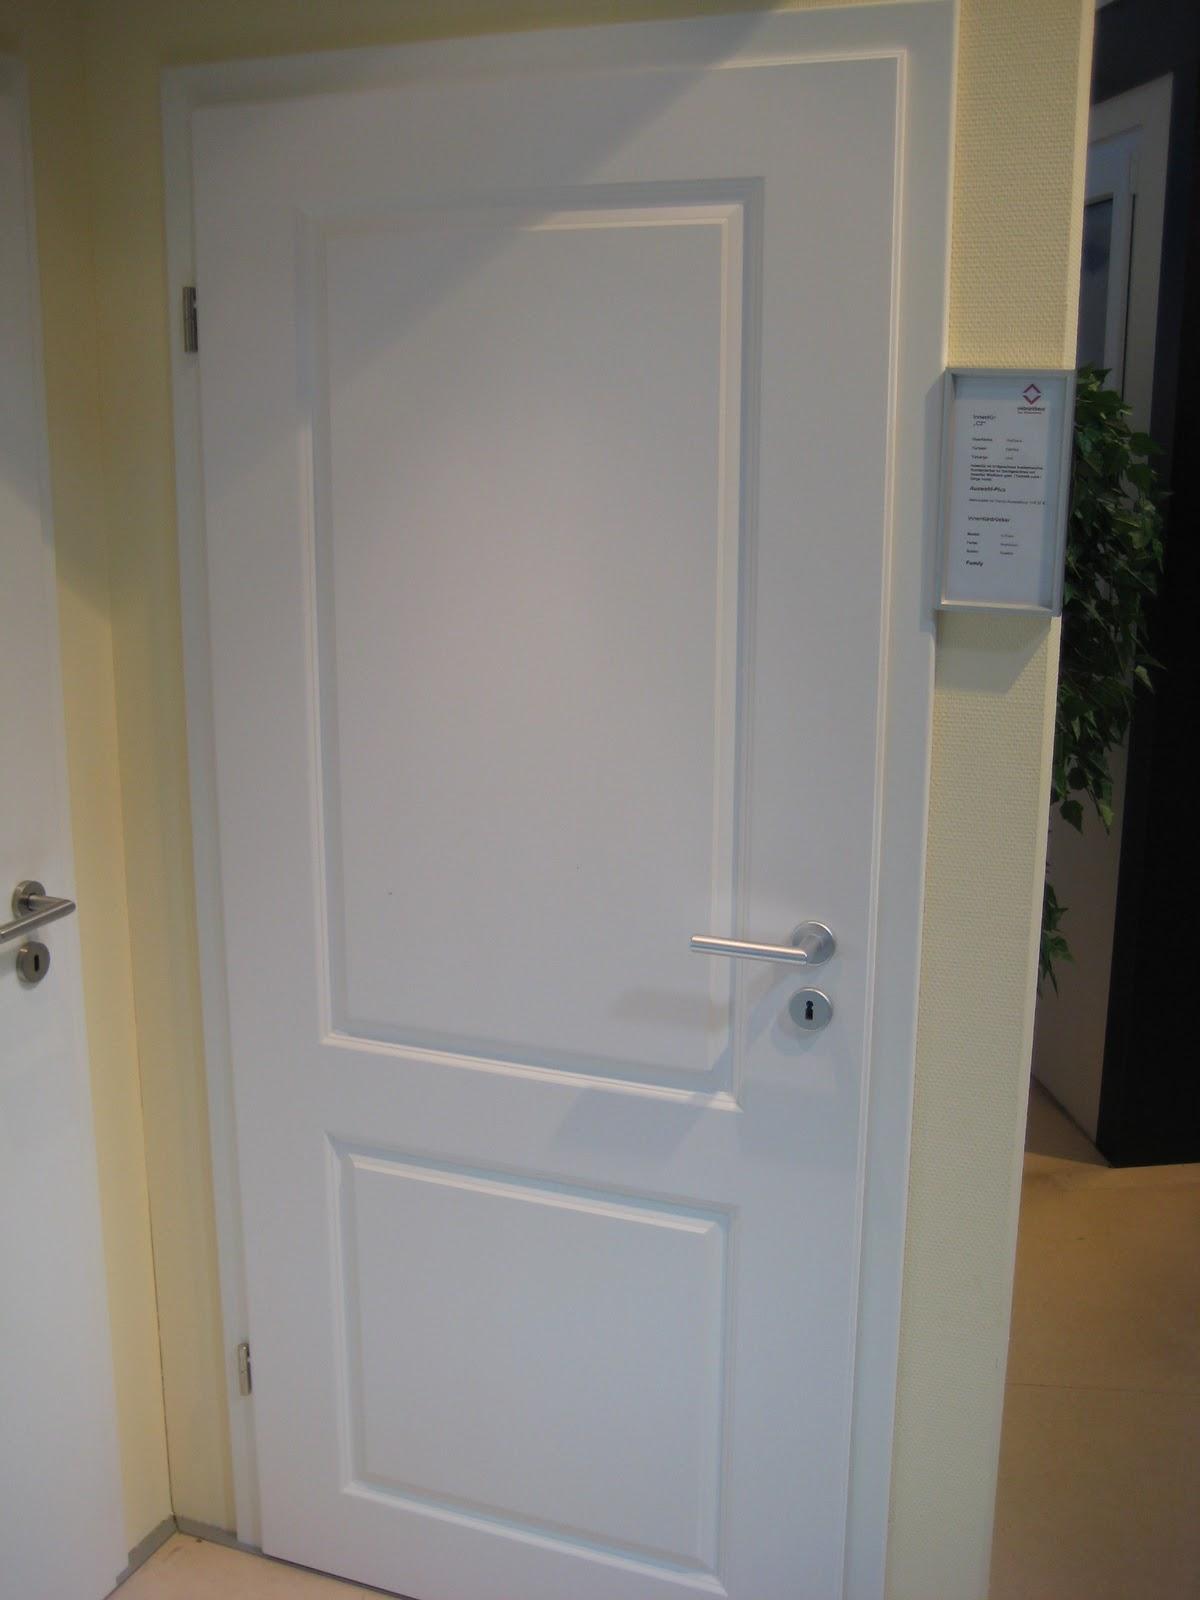 bibis und matzes traumhaus ergebnisse der bemusterung. Black Bedroom Furniture Sets. Home Design Ideas